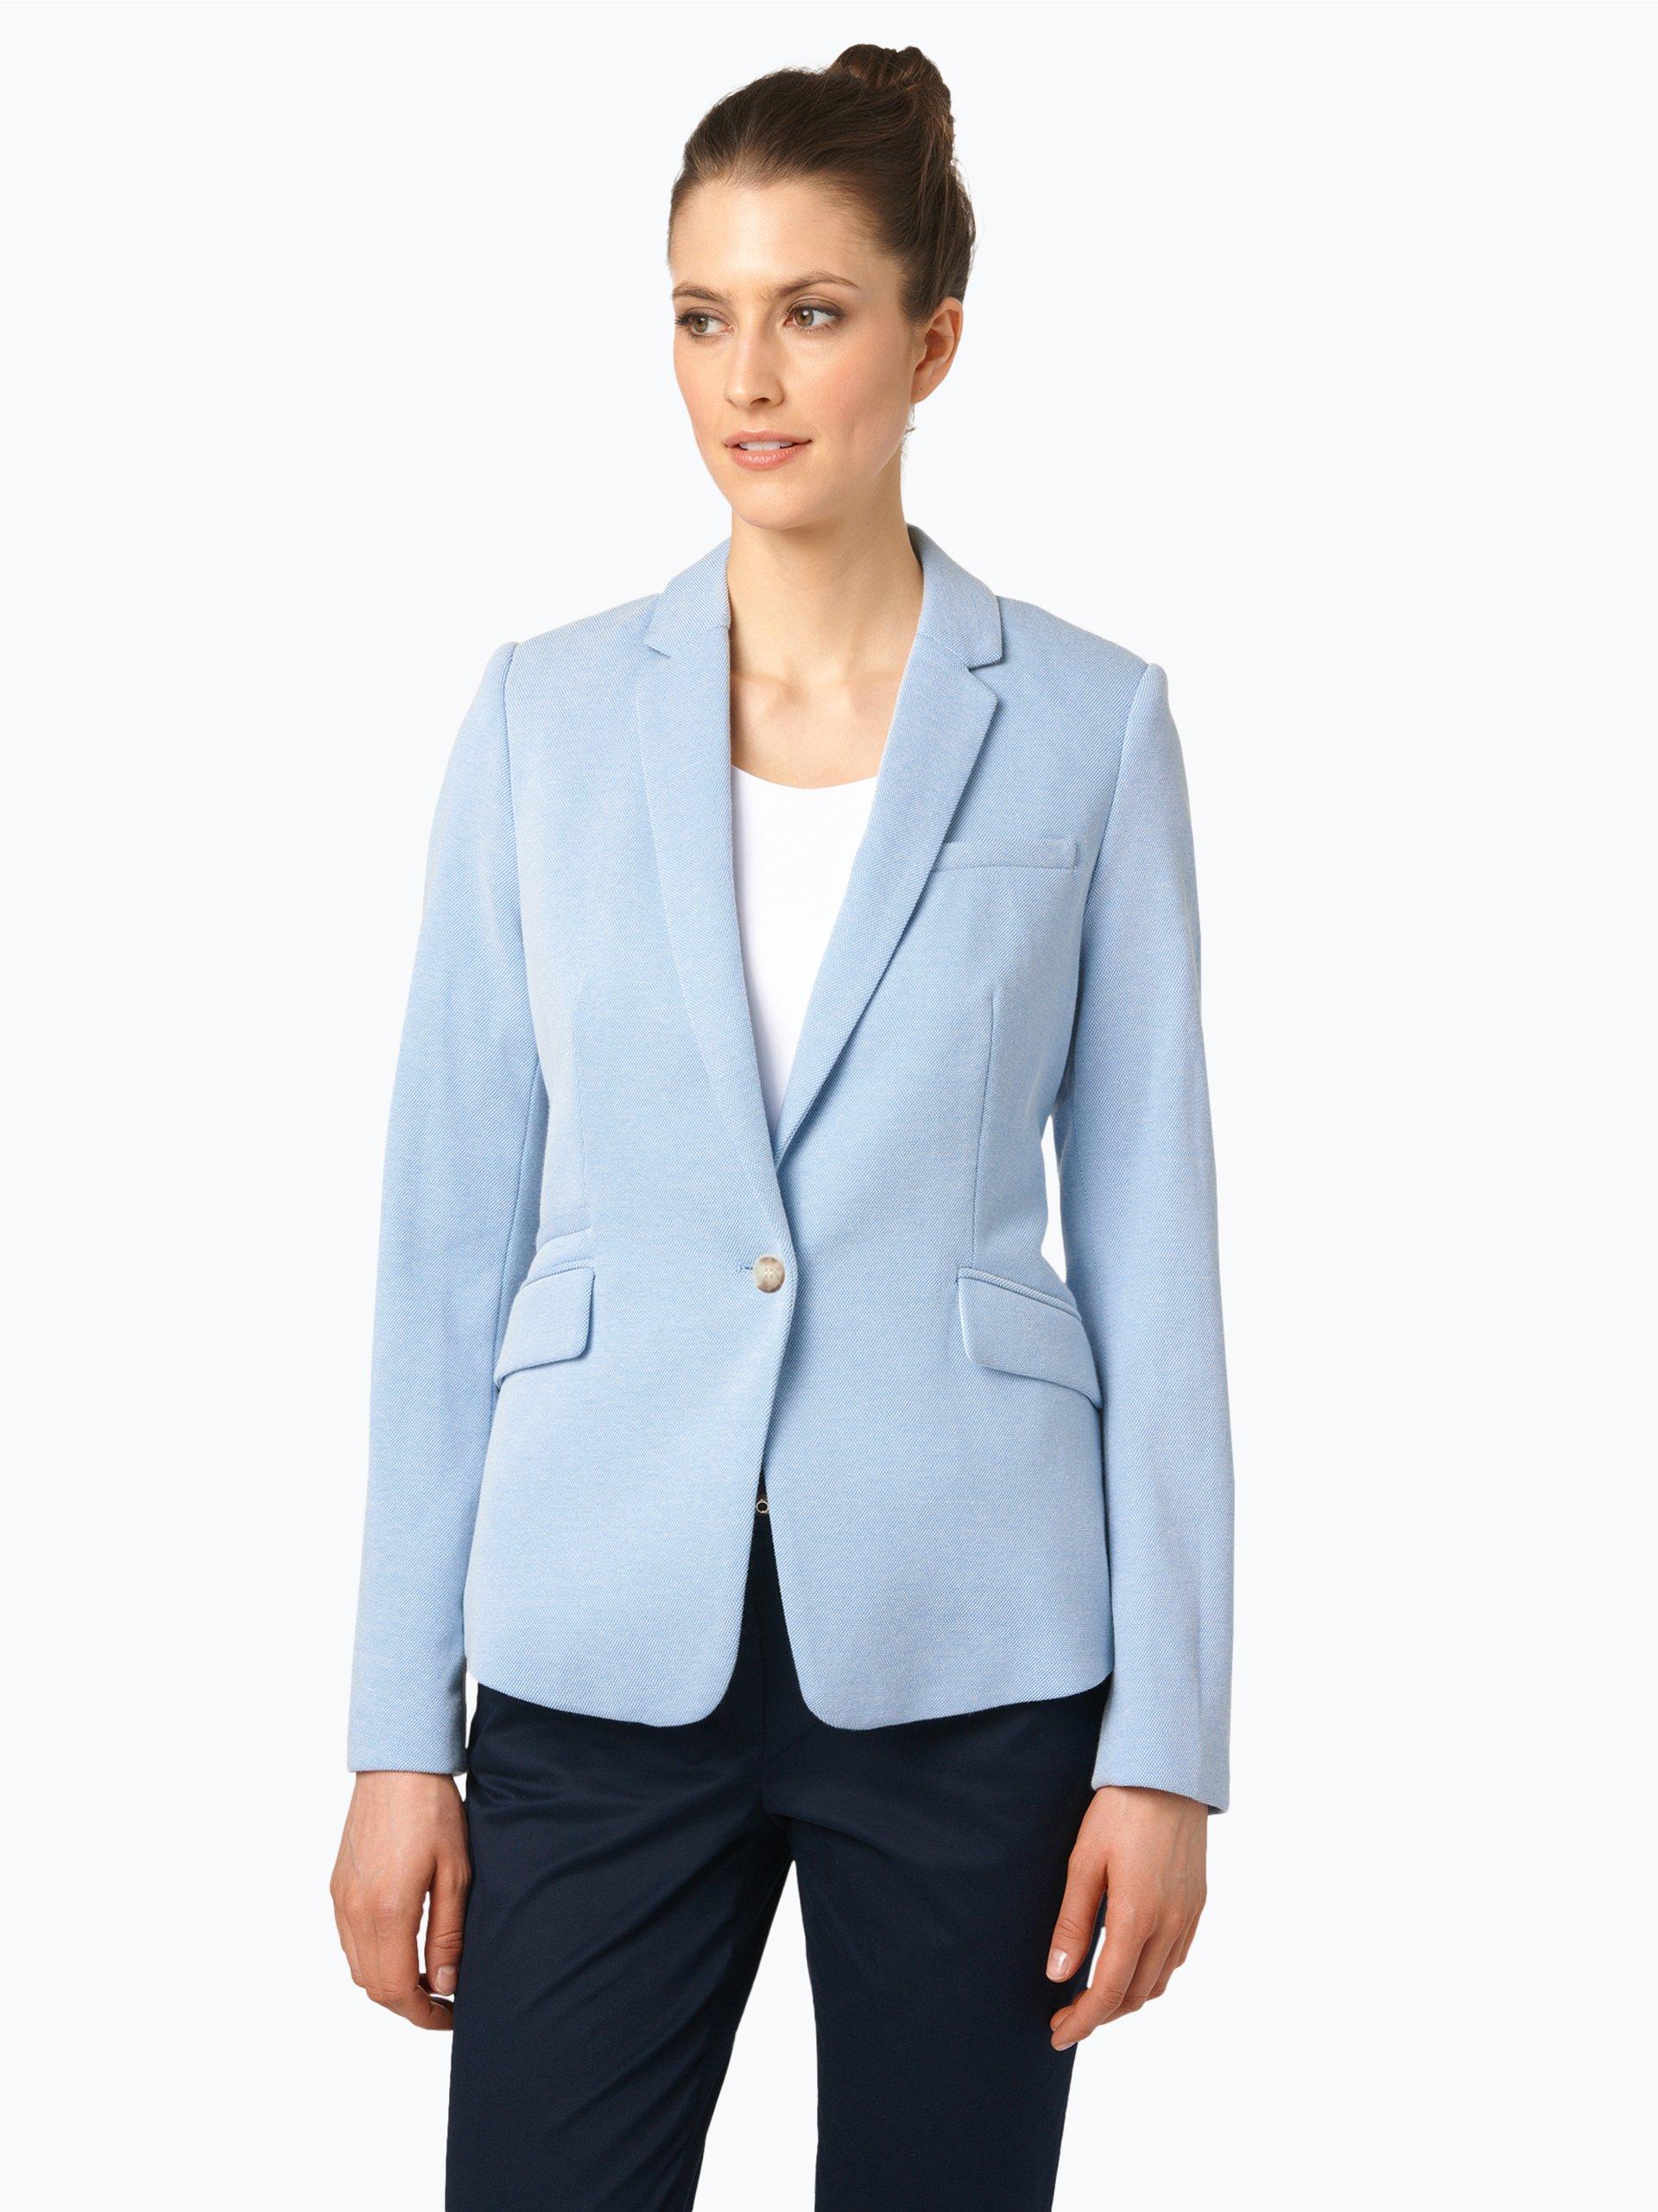 esprit collection damen jersey blazer hellblau blau uni online kaufen peek und cloppenburg de. Black Bedroom Furniture Sets. Home Design Ideas